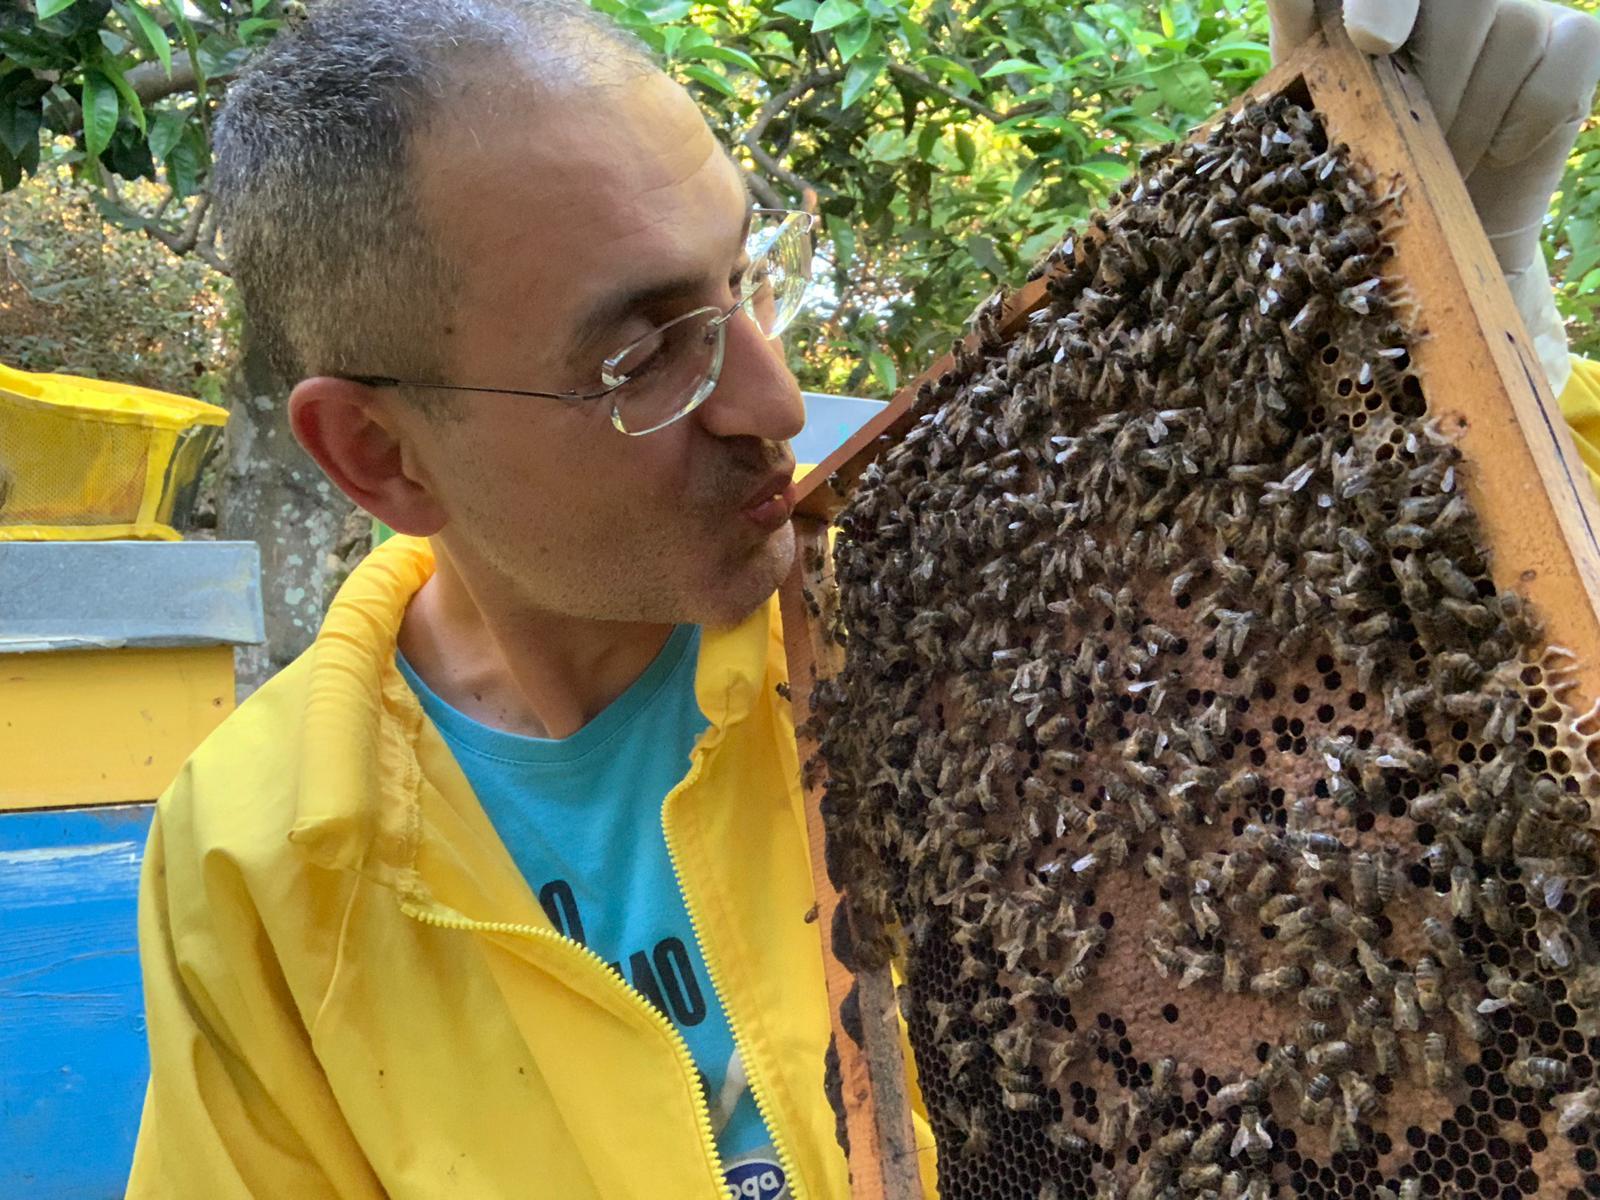 Andrea cura la sclerosi multipla con il veleno d'api. Rimedio efficace per tremori e crampi